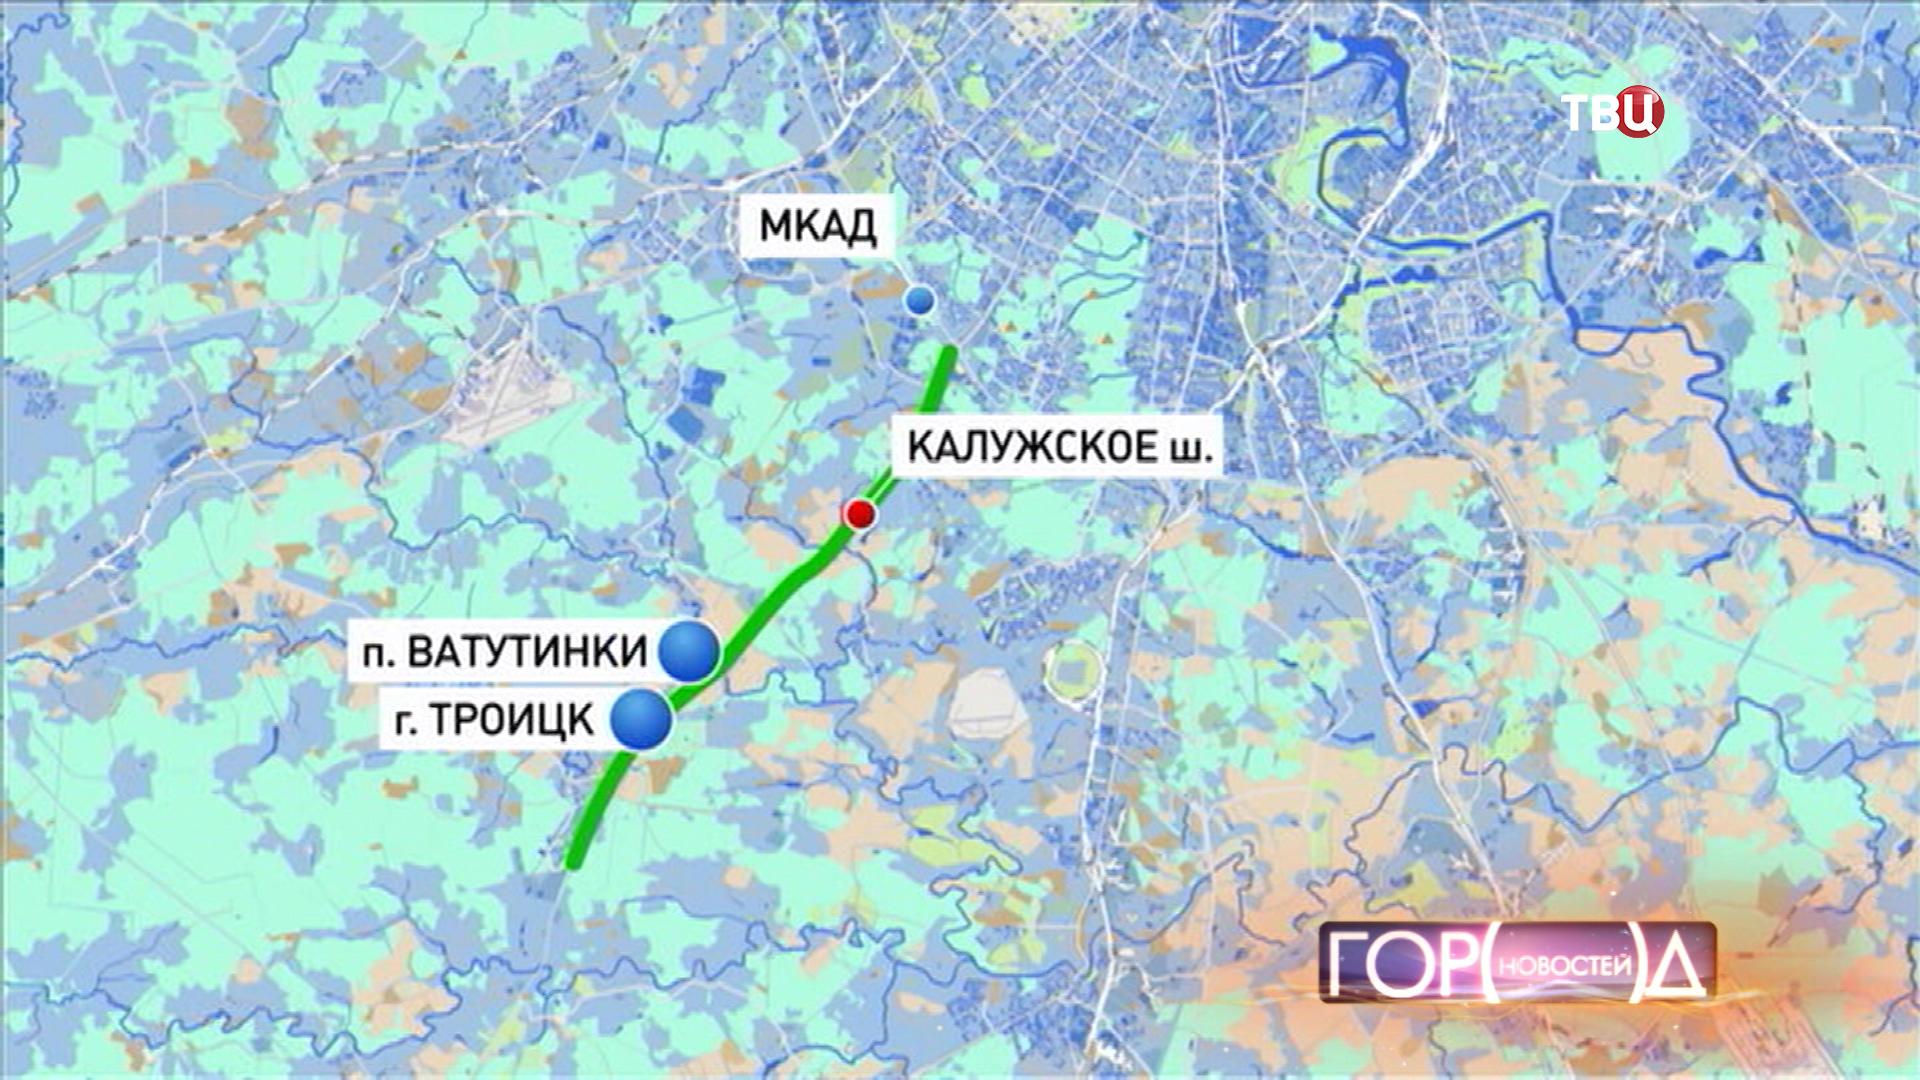 План строительства участка калужского шоссе